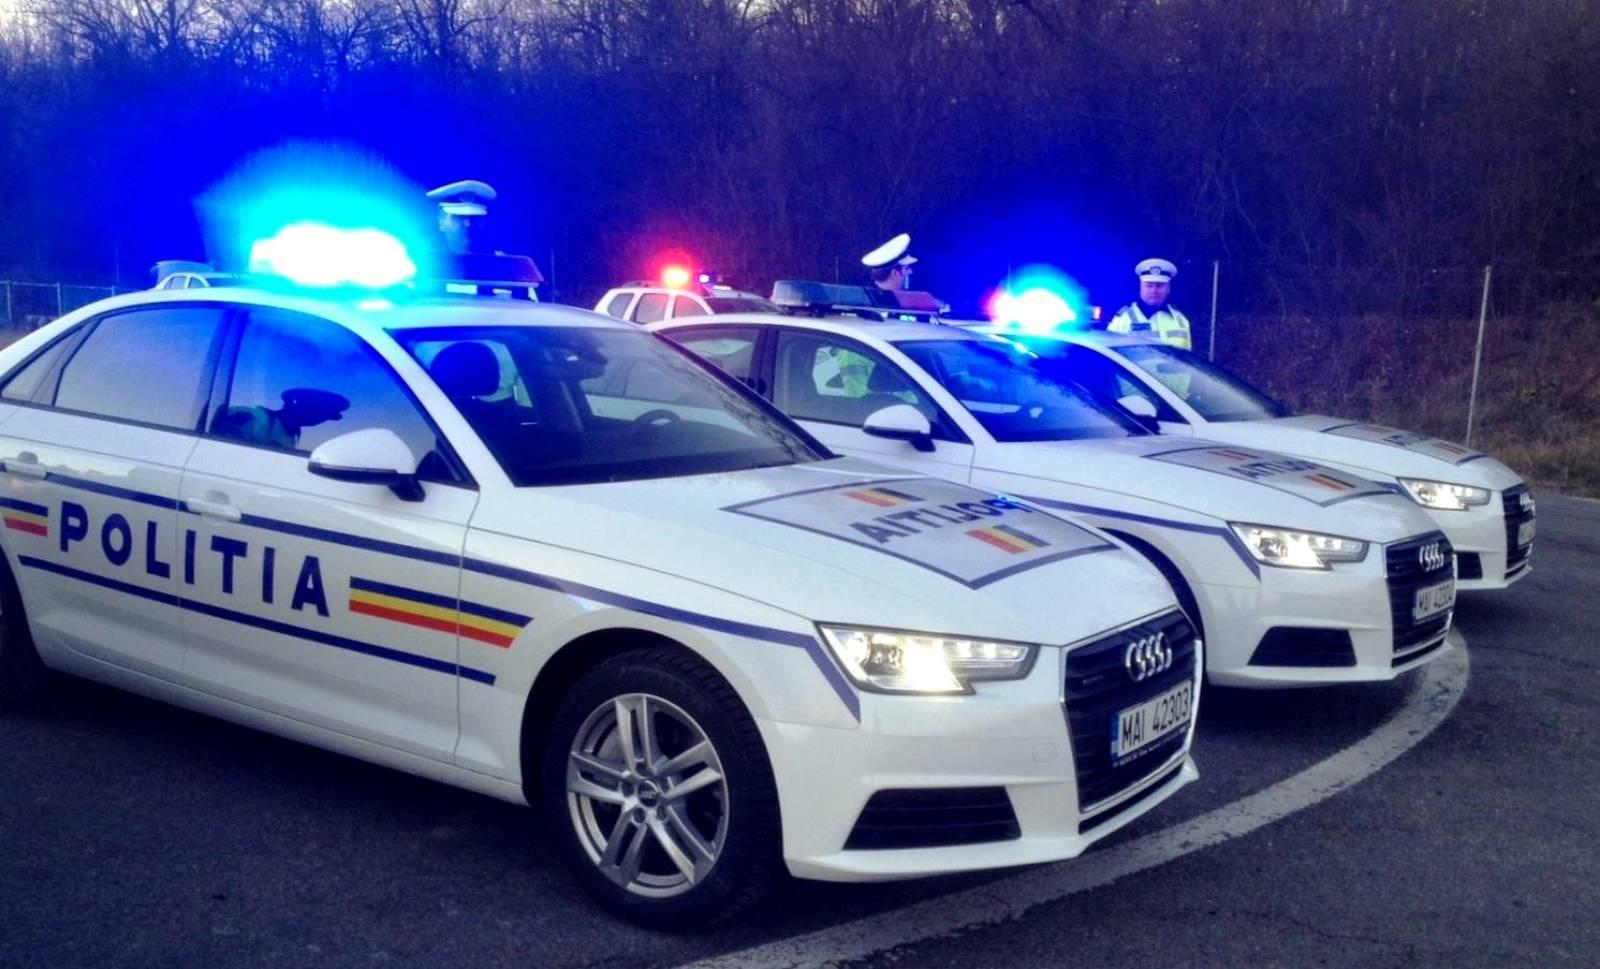 Politia Romana AVERTISMENT ebrietate